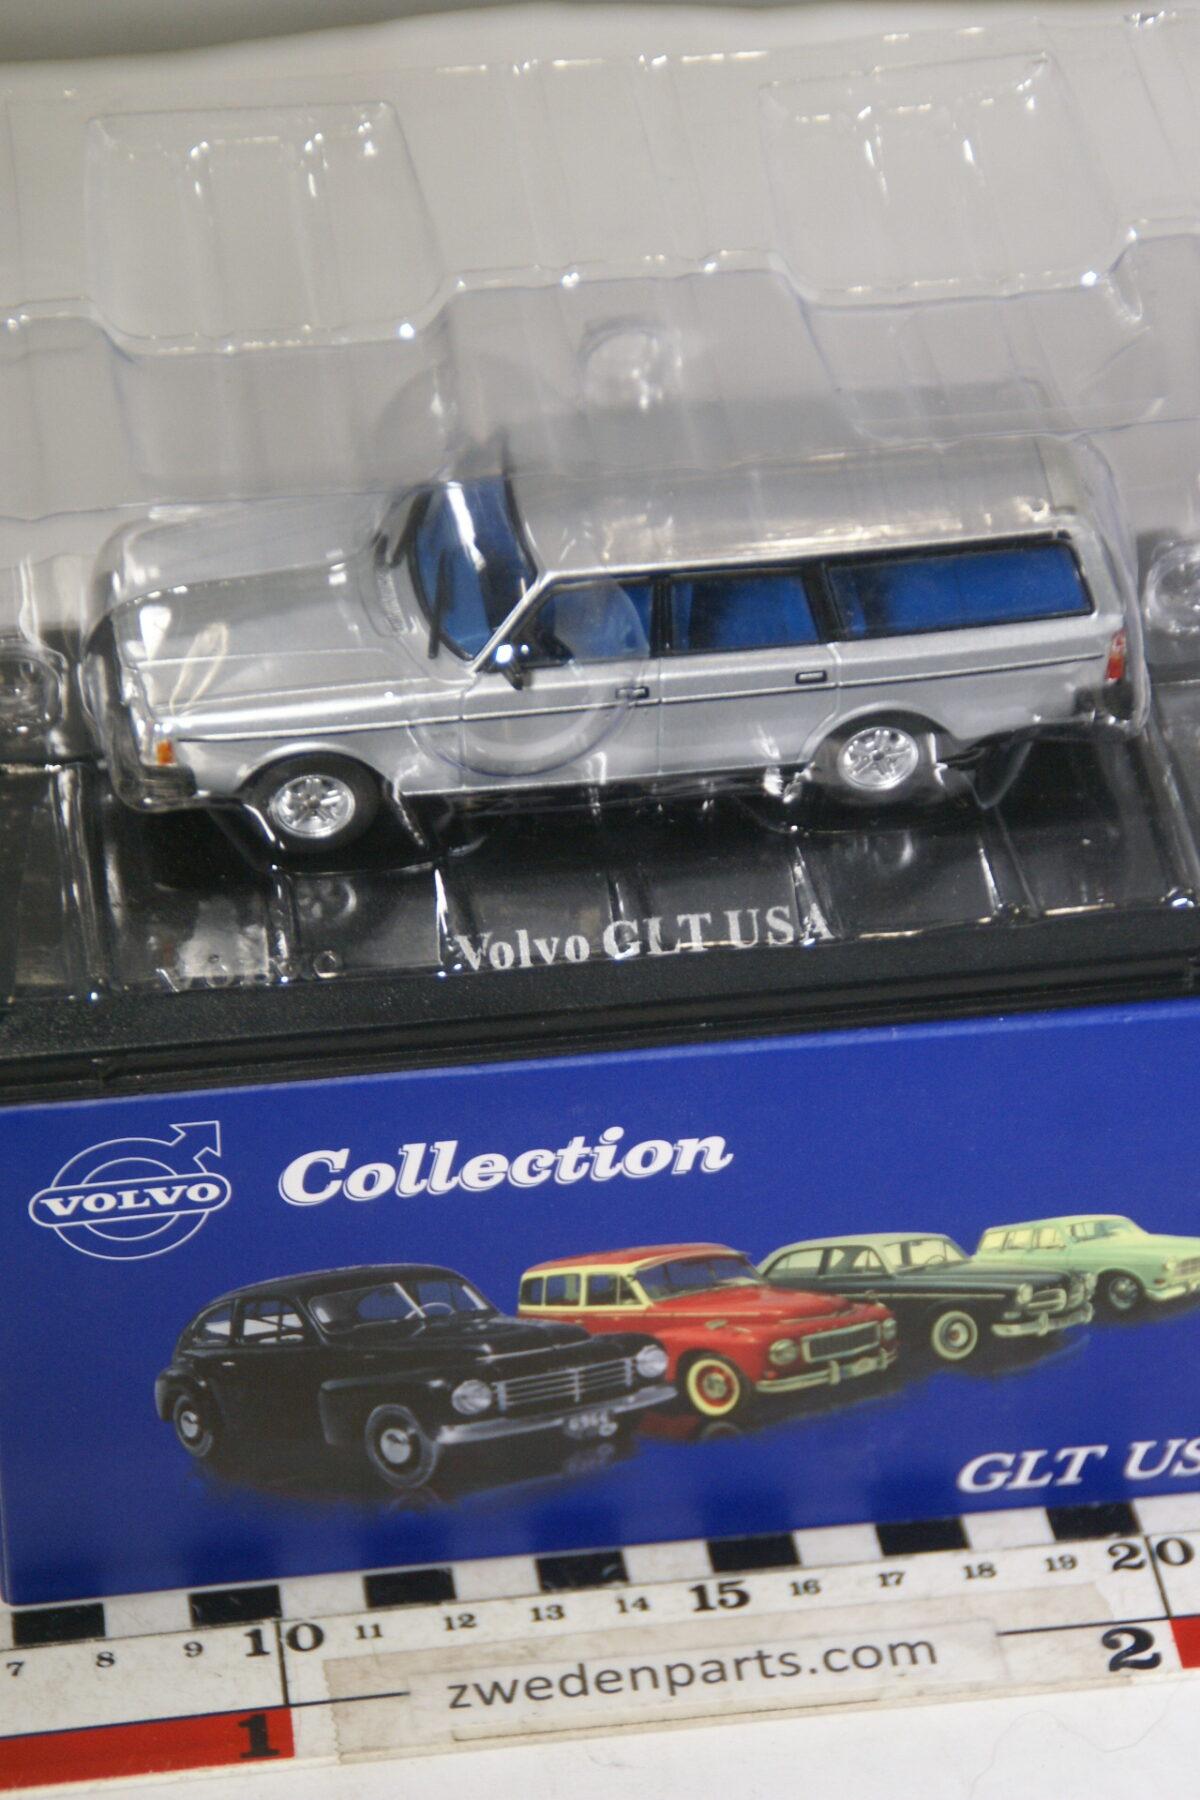 DSC00496 miniatuur Volvo 240 245GLT USA grijs 1op43 Atlas 90 nieuw in originele verpakking-1e599b65